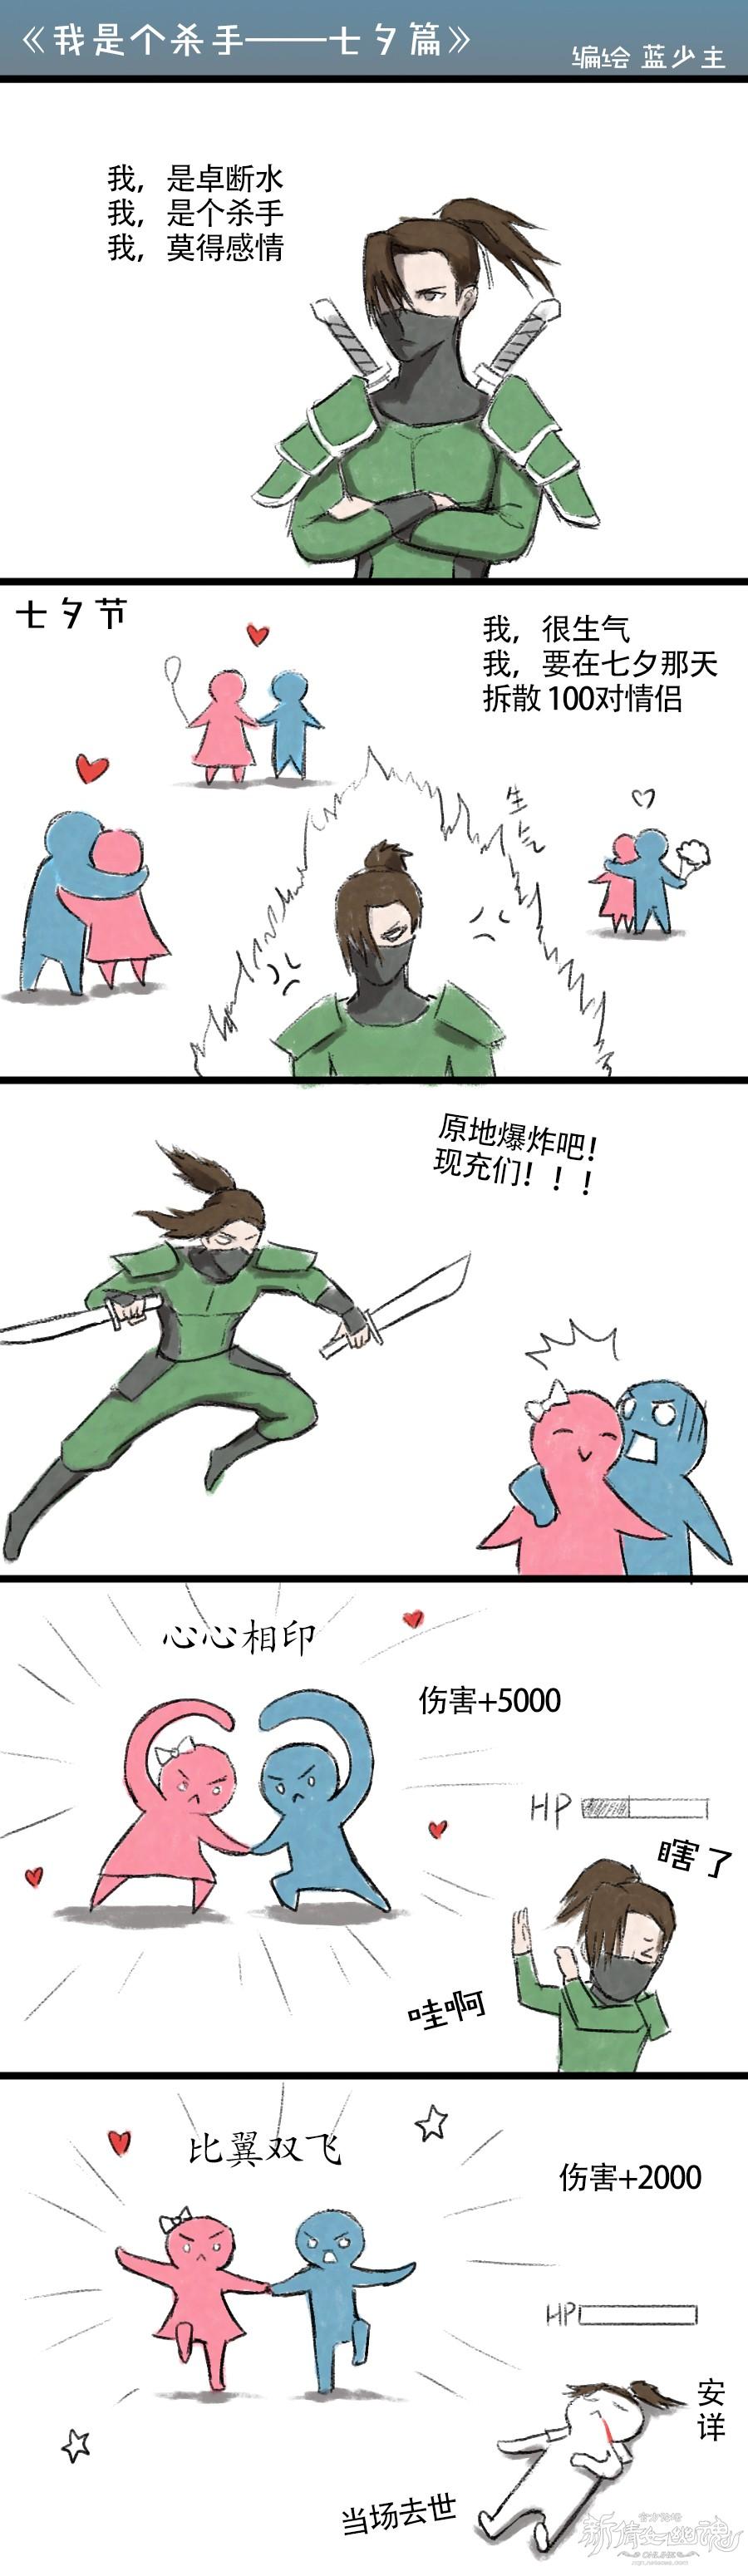 【名人堂】【条漫】《我是个杀手——七夕篇》